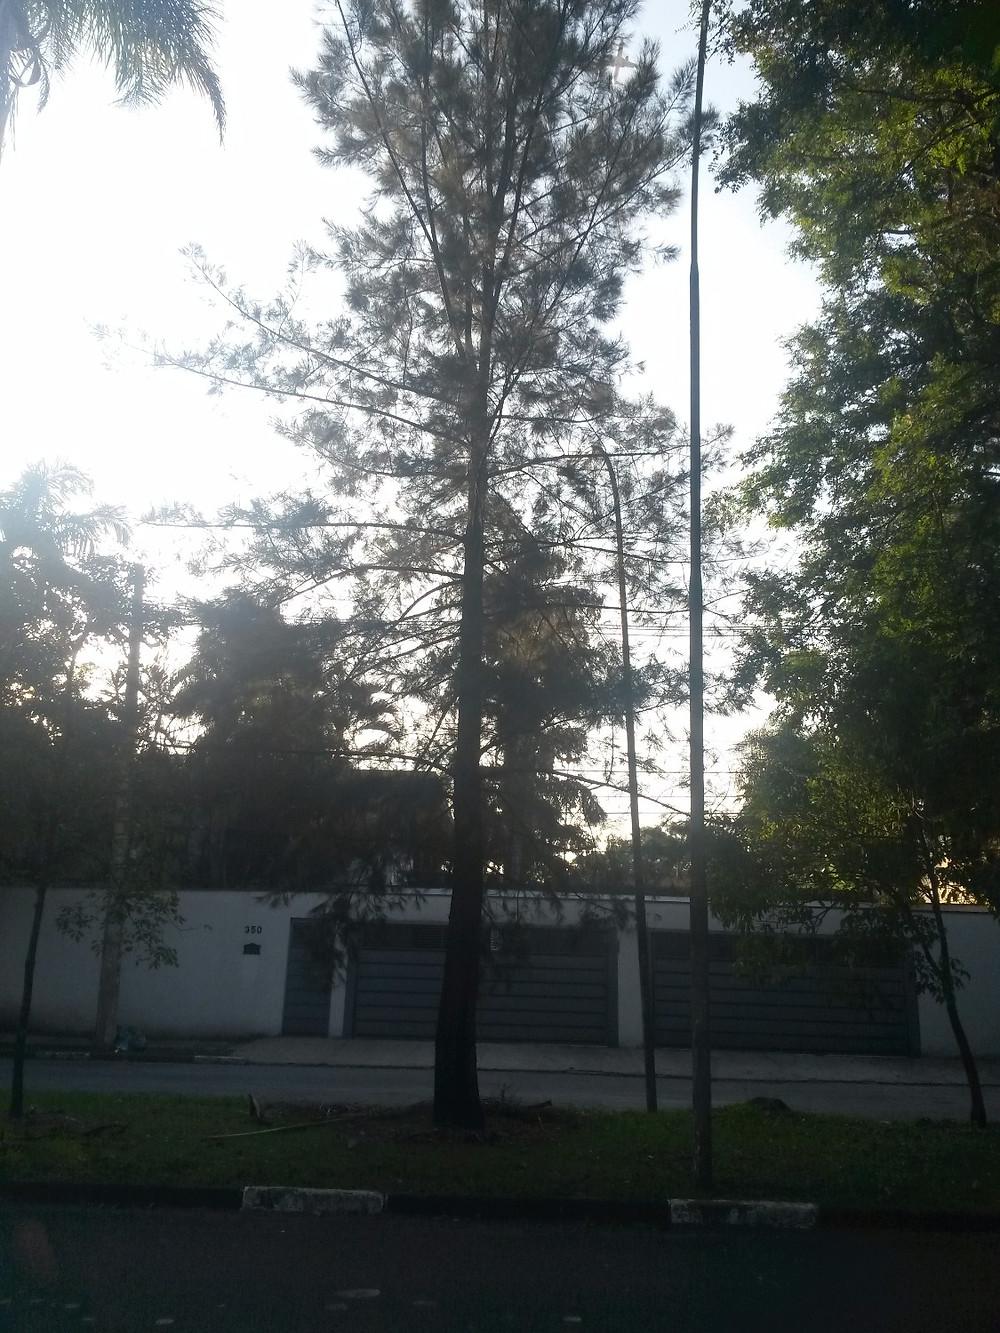 O pinheiro da Avenida dos Semaneiros se enraizou no caminho do destino marcando símbolo de confirmação no campo dos meus sonhos